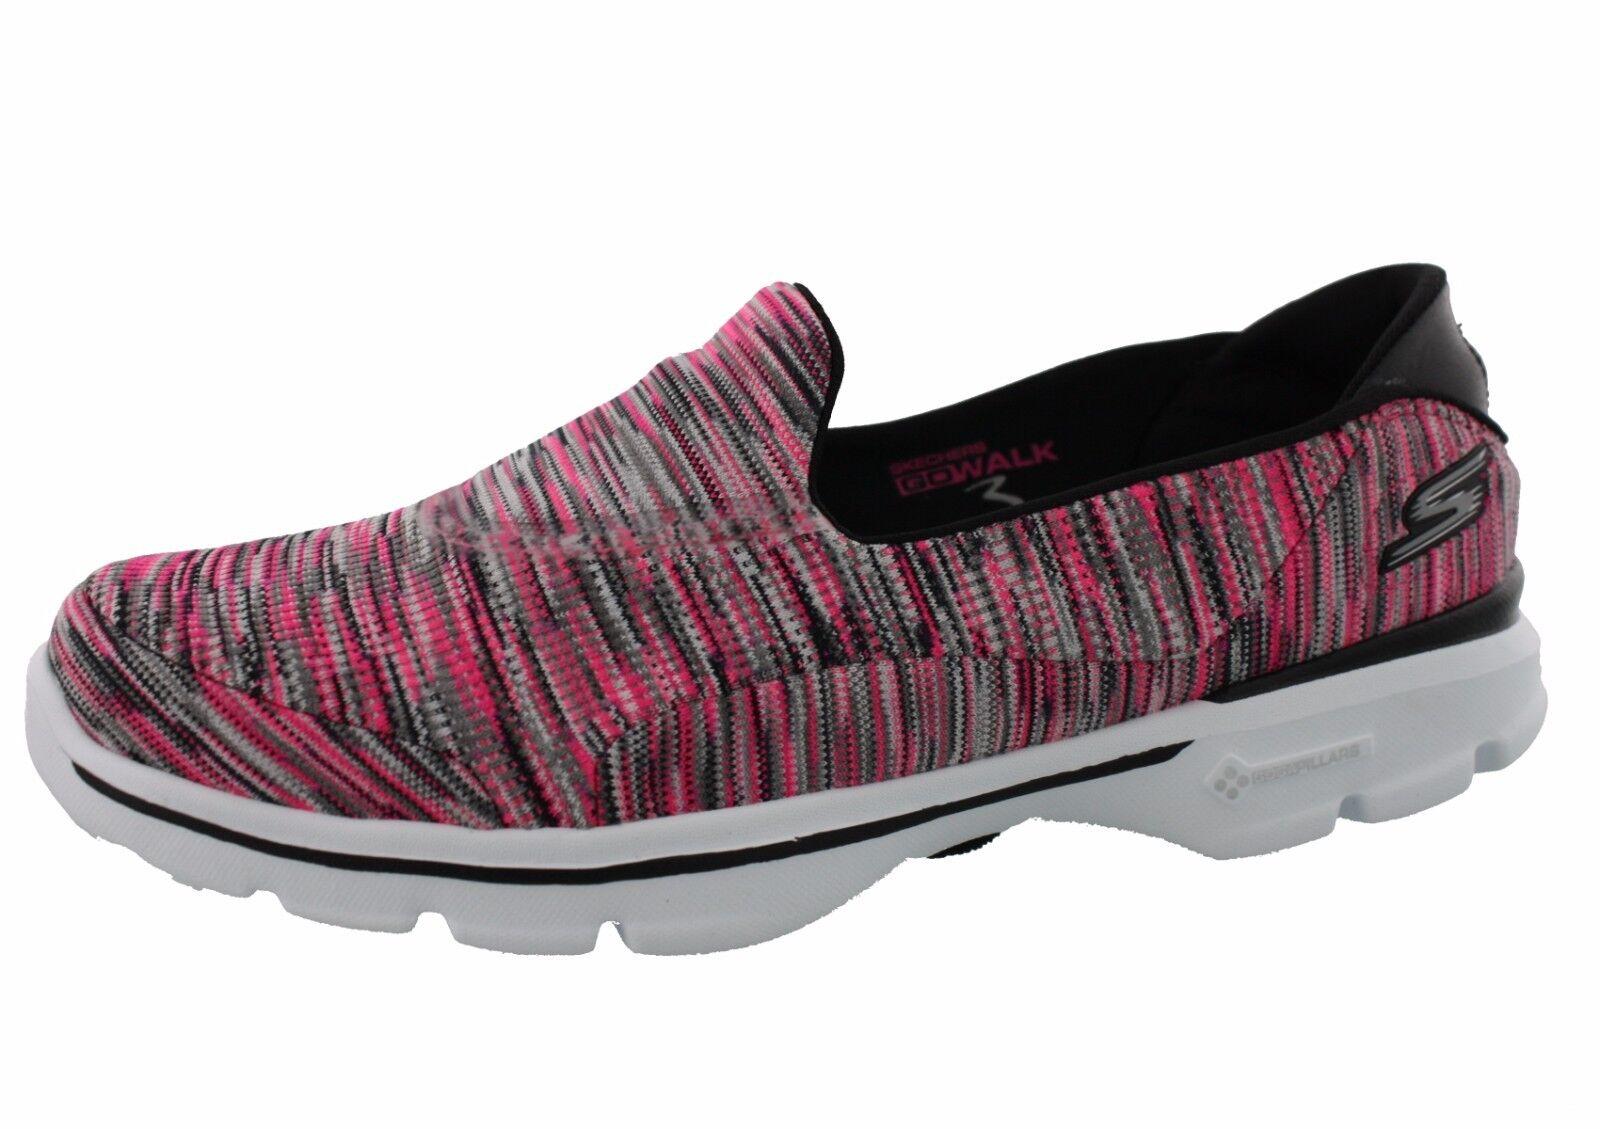 Skechers Gowalk 3 Feuillet Sur Des Femmes Chaussures Déments G5ZBAV